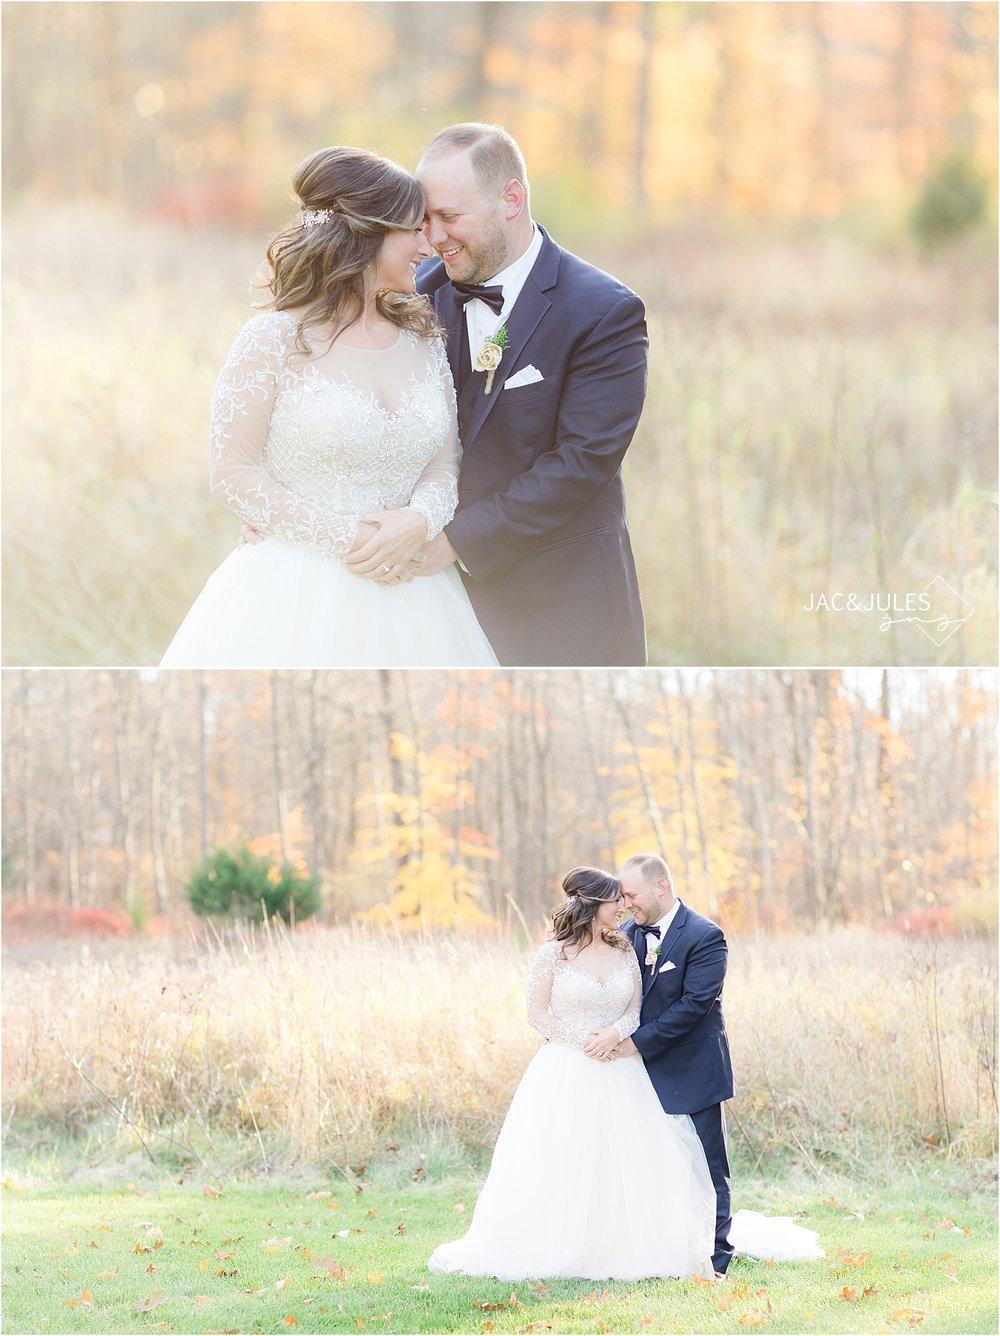 natural wedding photo at Perona Farms